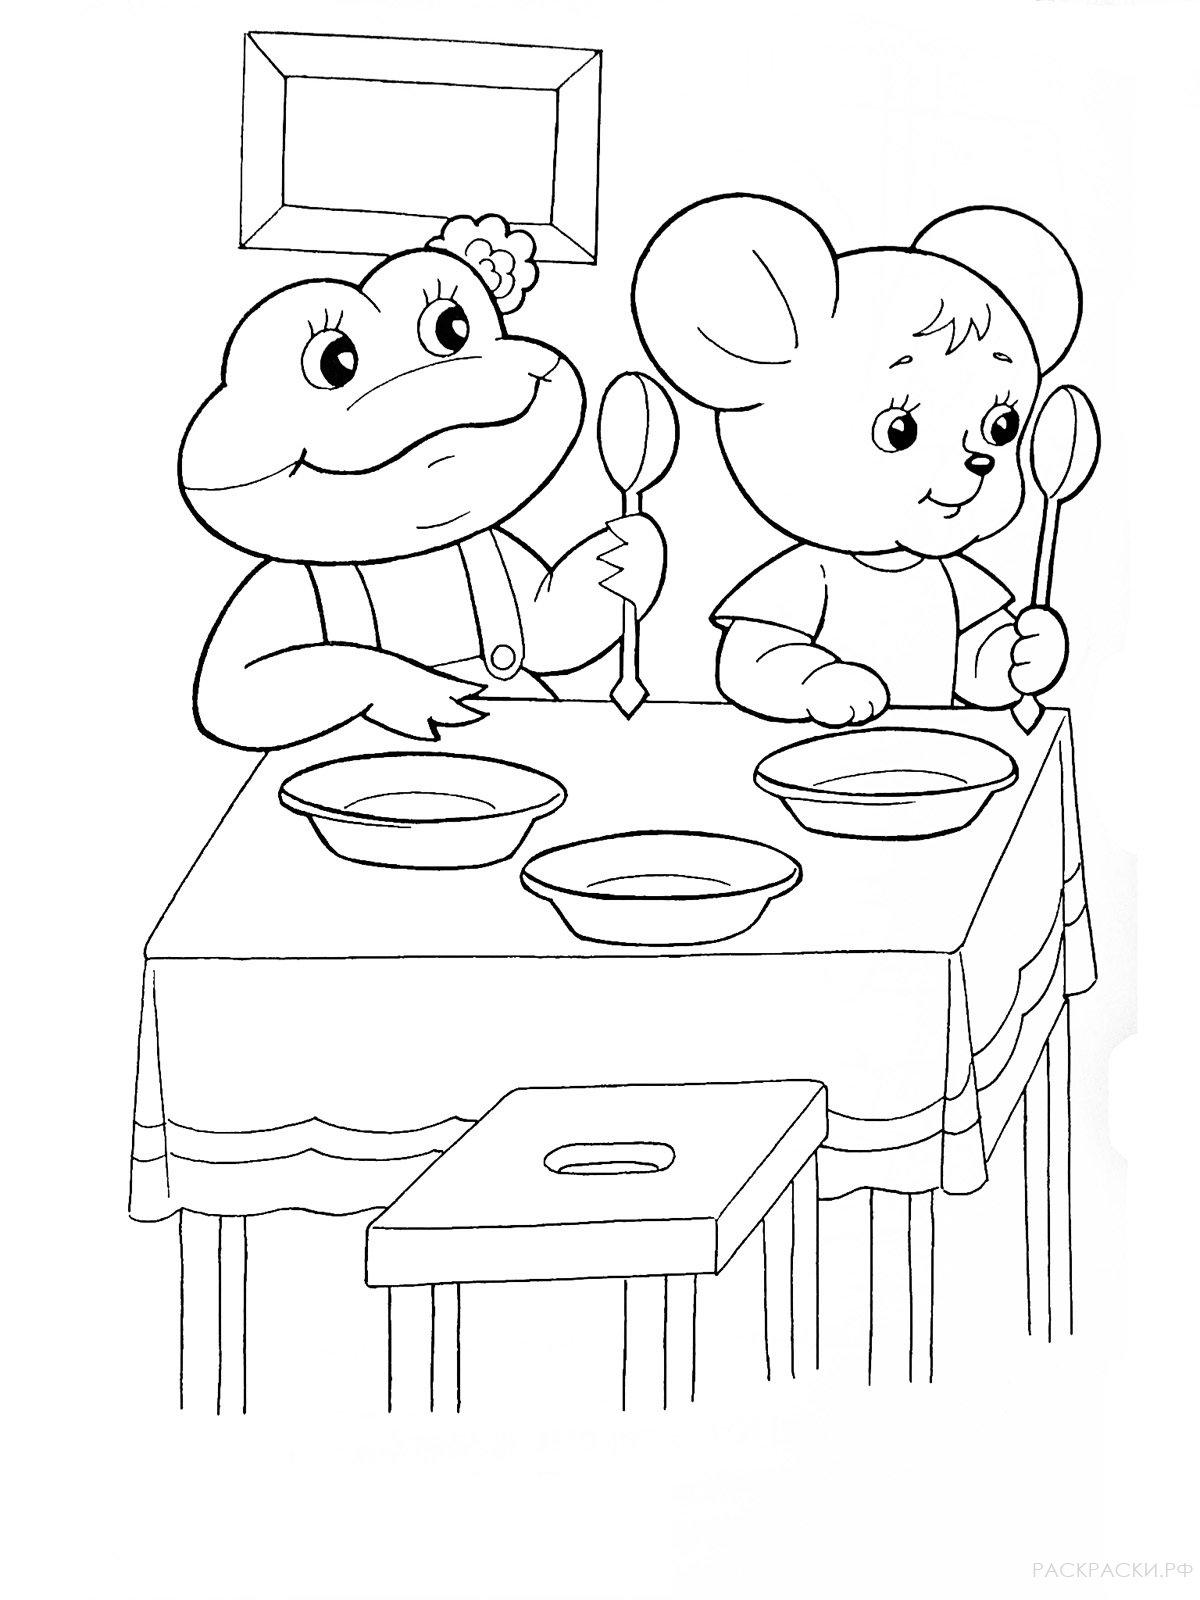 """Раскраска """"Лягушка и мышка готовятся ужинать в теремке"""""""